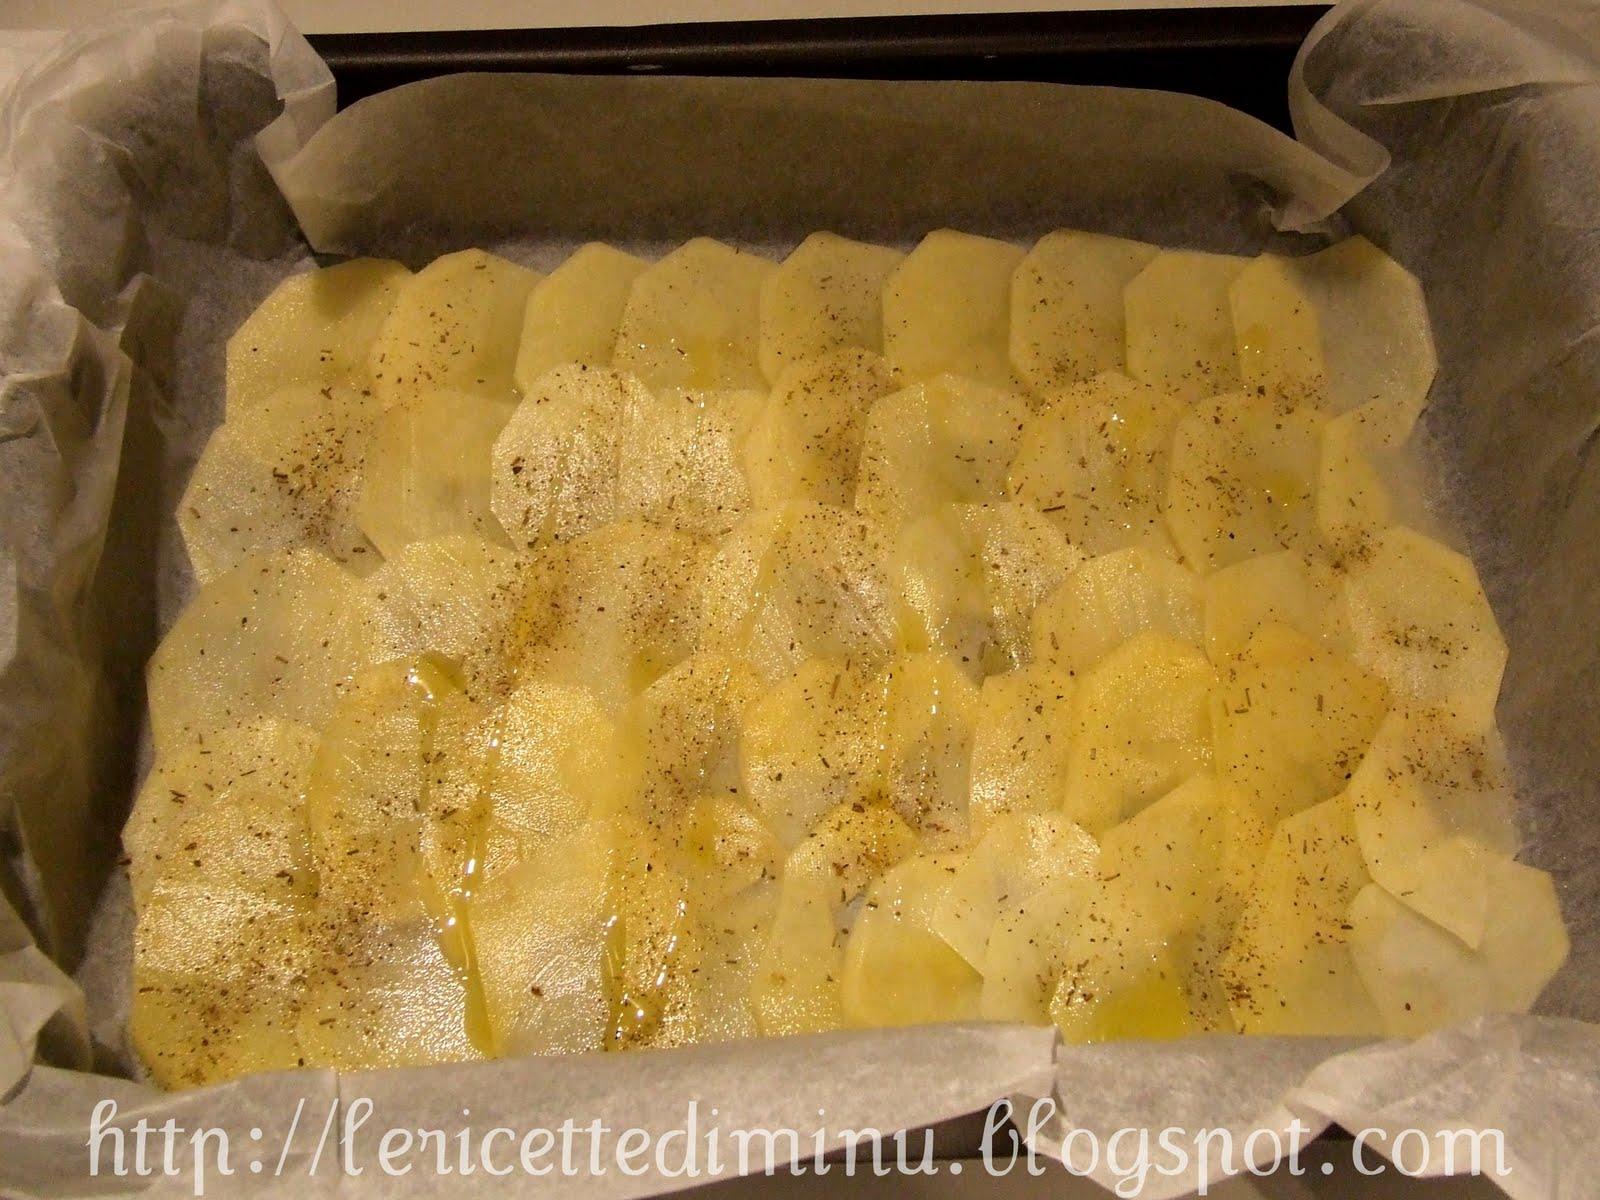 ricoprite con le rimanenti fettine di patate salate e pepate aromatizzate con le erbette cospargete con poco pan grattato irrorate con un filo dolio e